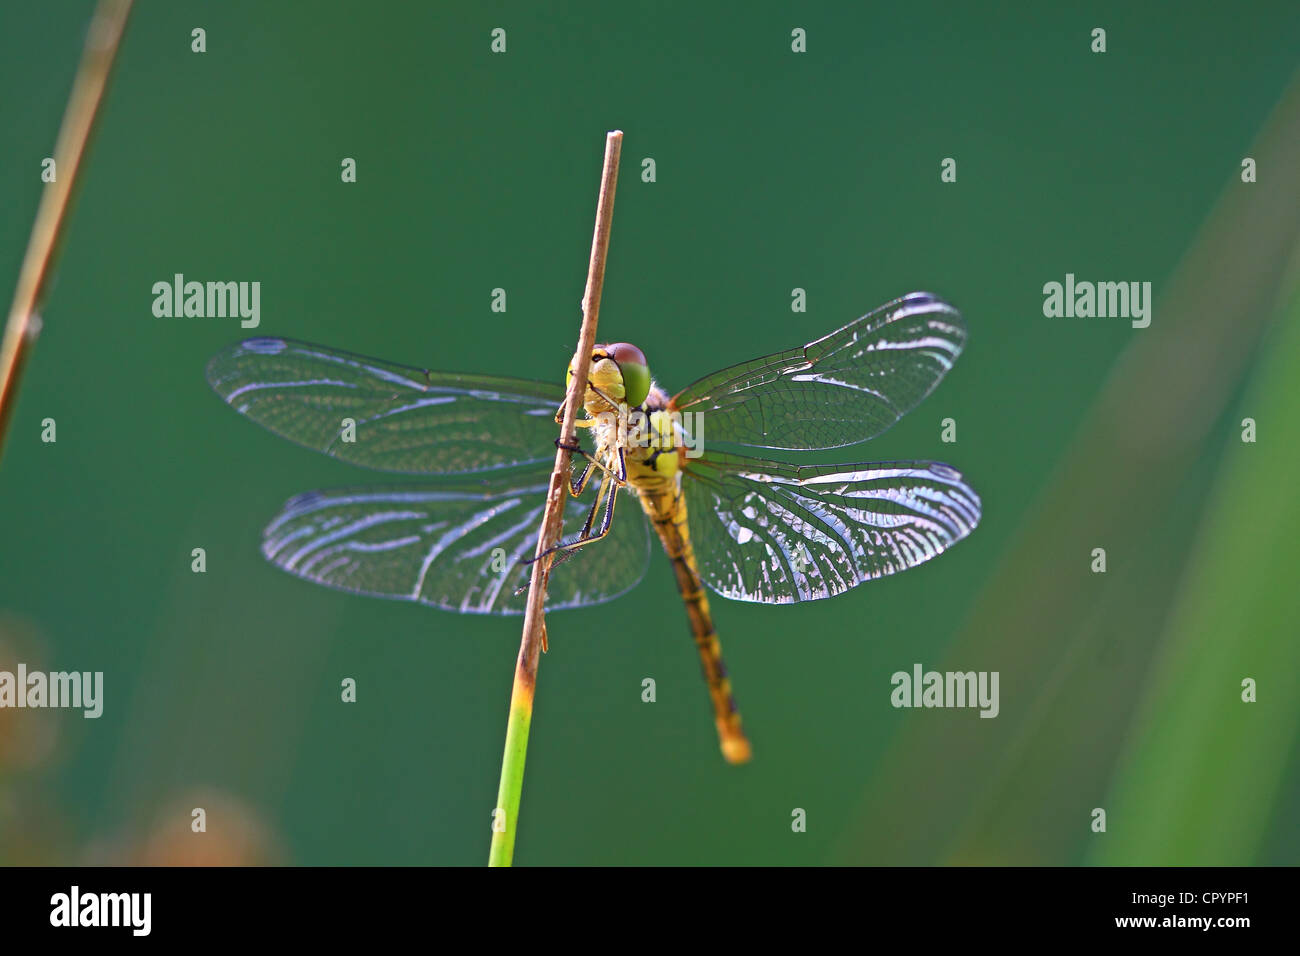 Junge intakt Beispiel für einen vier-spotted Chaser (Libellula Quadrimaculata), Libelle Stockbild